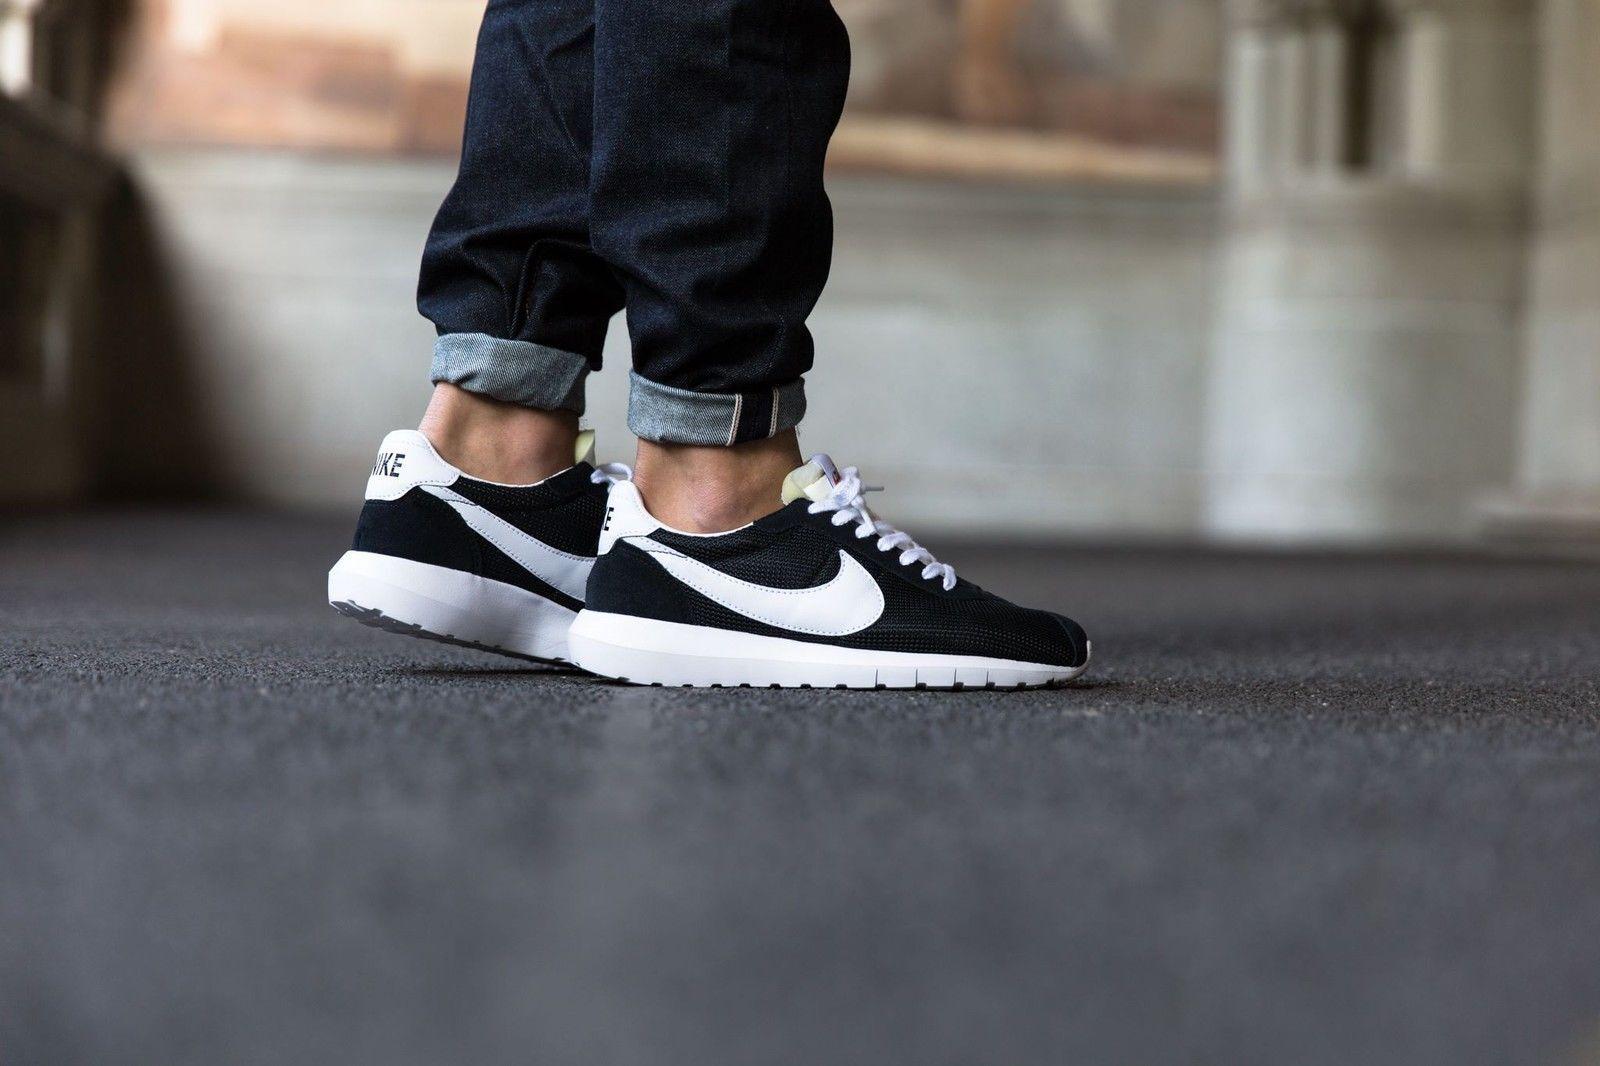 Nike Roshe LD-1000 QS Men's Athletic Shoes Black/White-White 802022-001 NEW